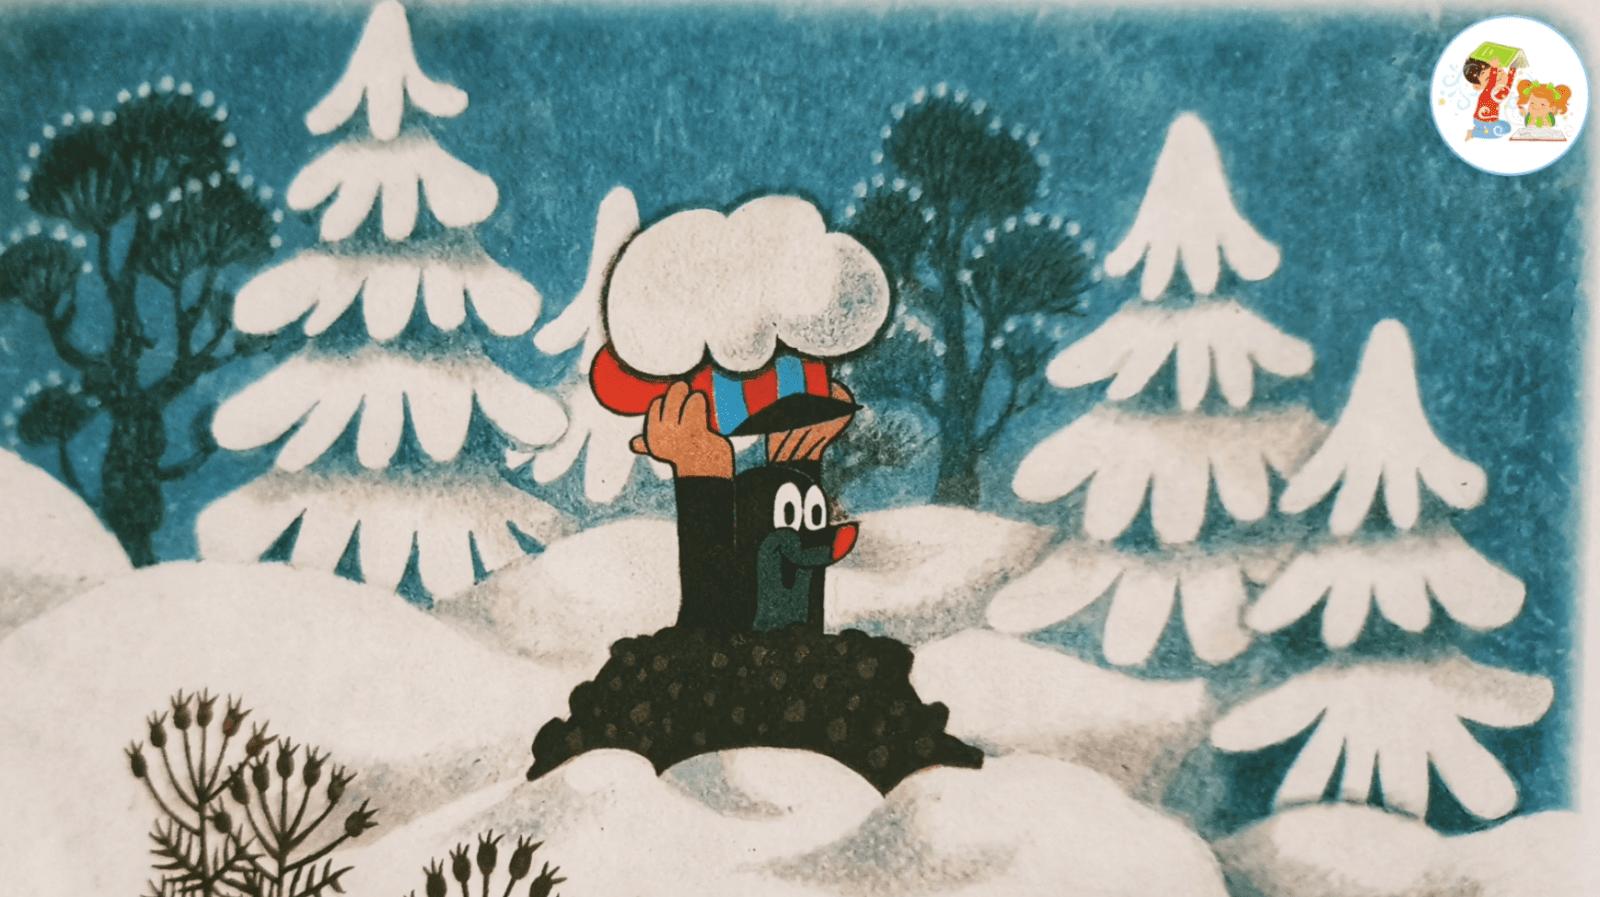 Новые Детские аудио сказки онлайн - Кротик и Снеговик - кротик слепил снеговика